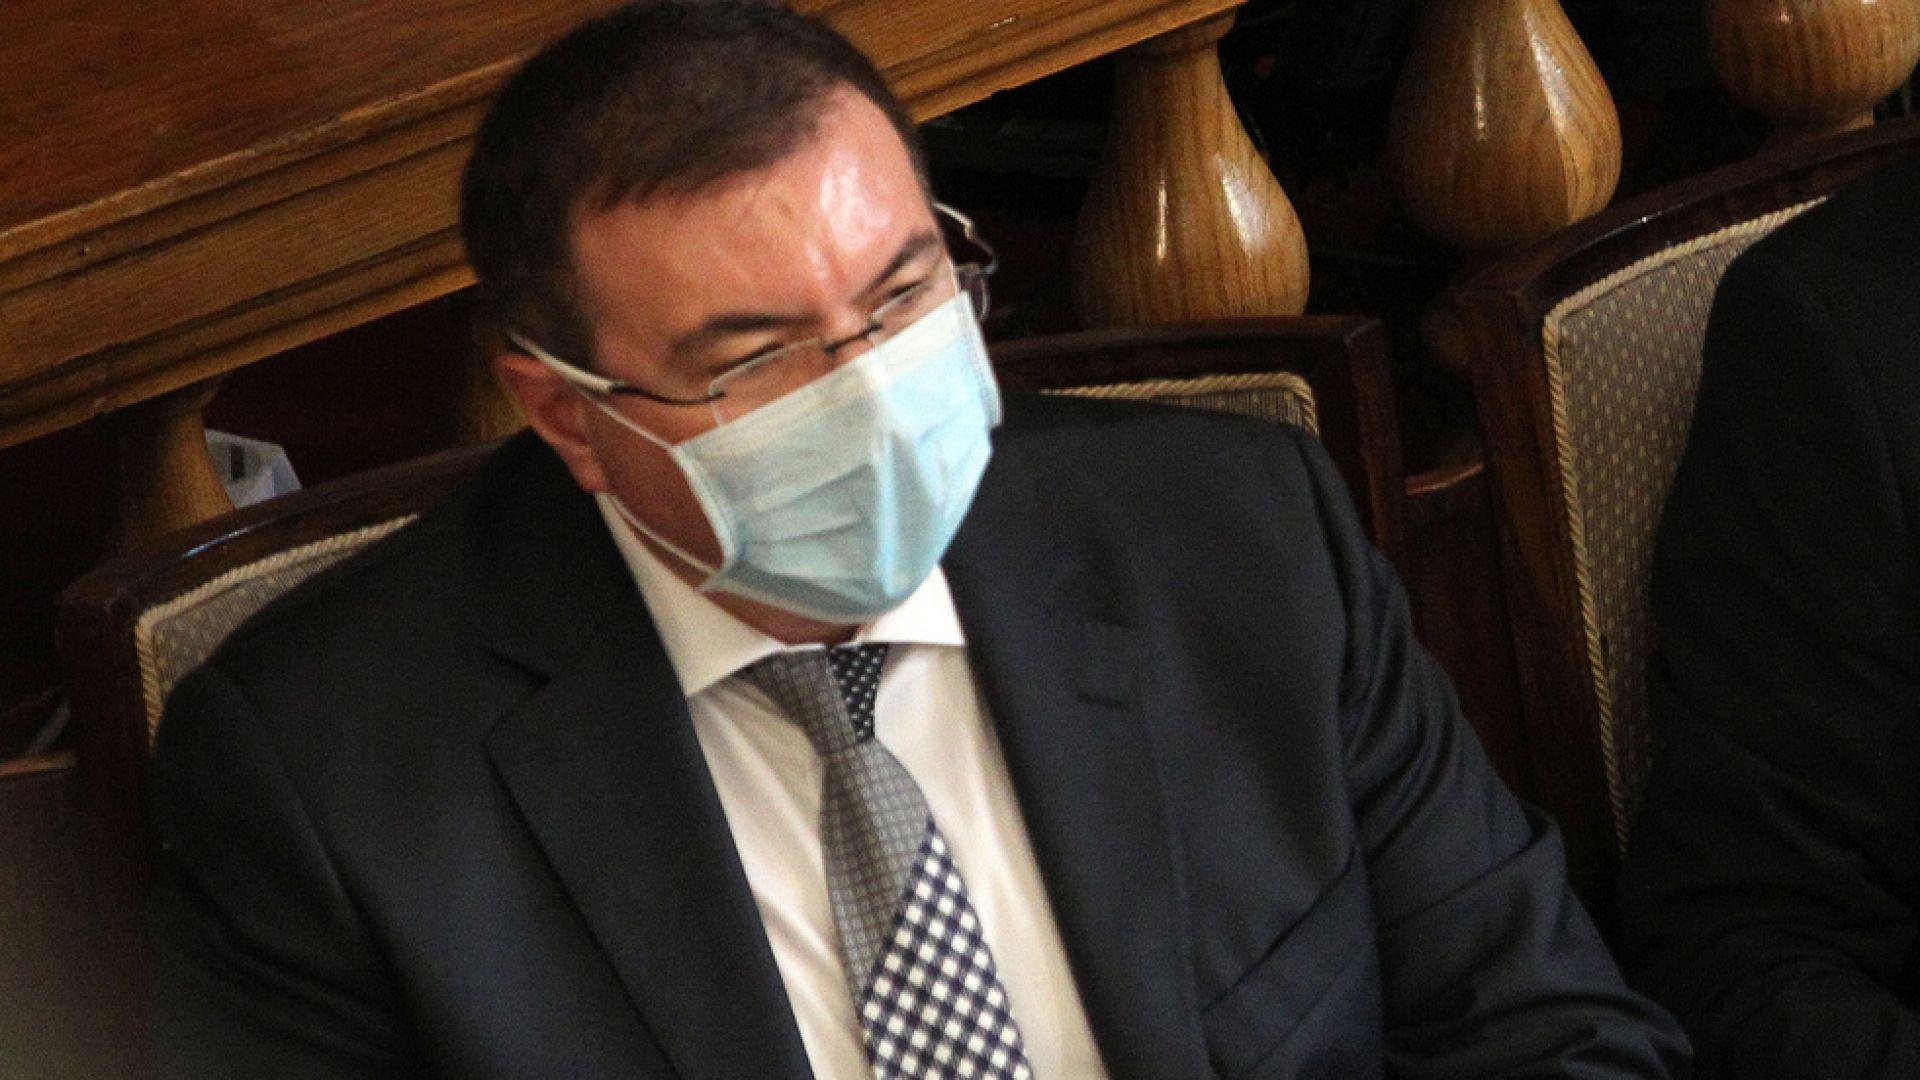 Здравният министър прогнозира втора вълна на вируса, 223 млн. лв. влизат в системата